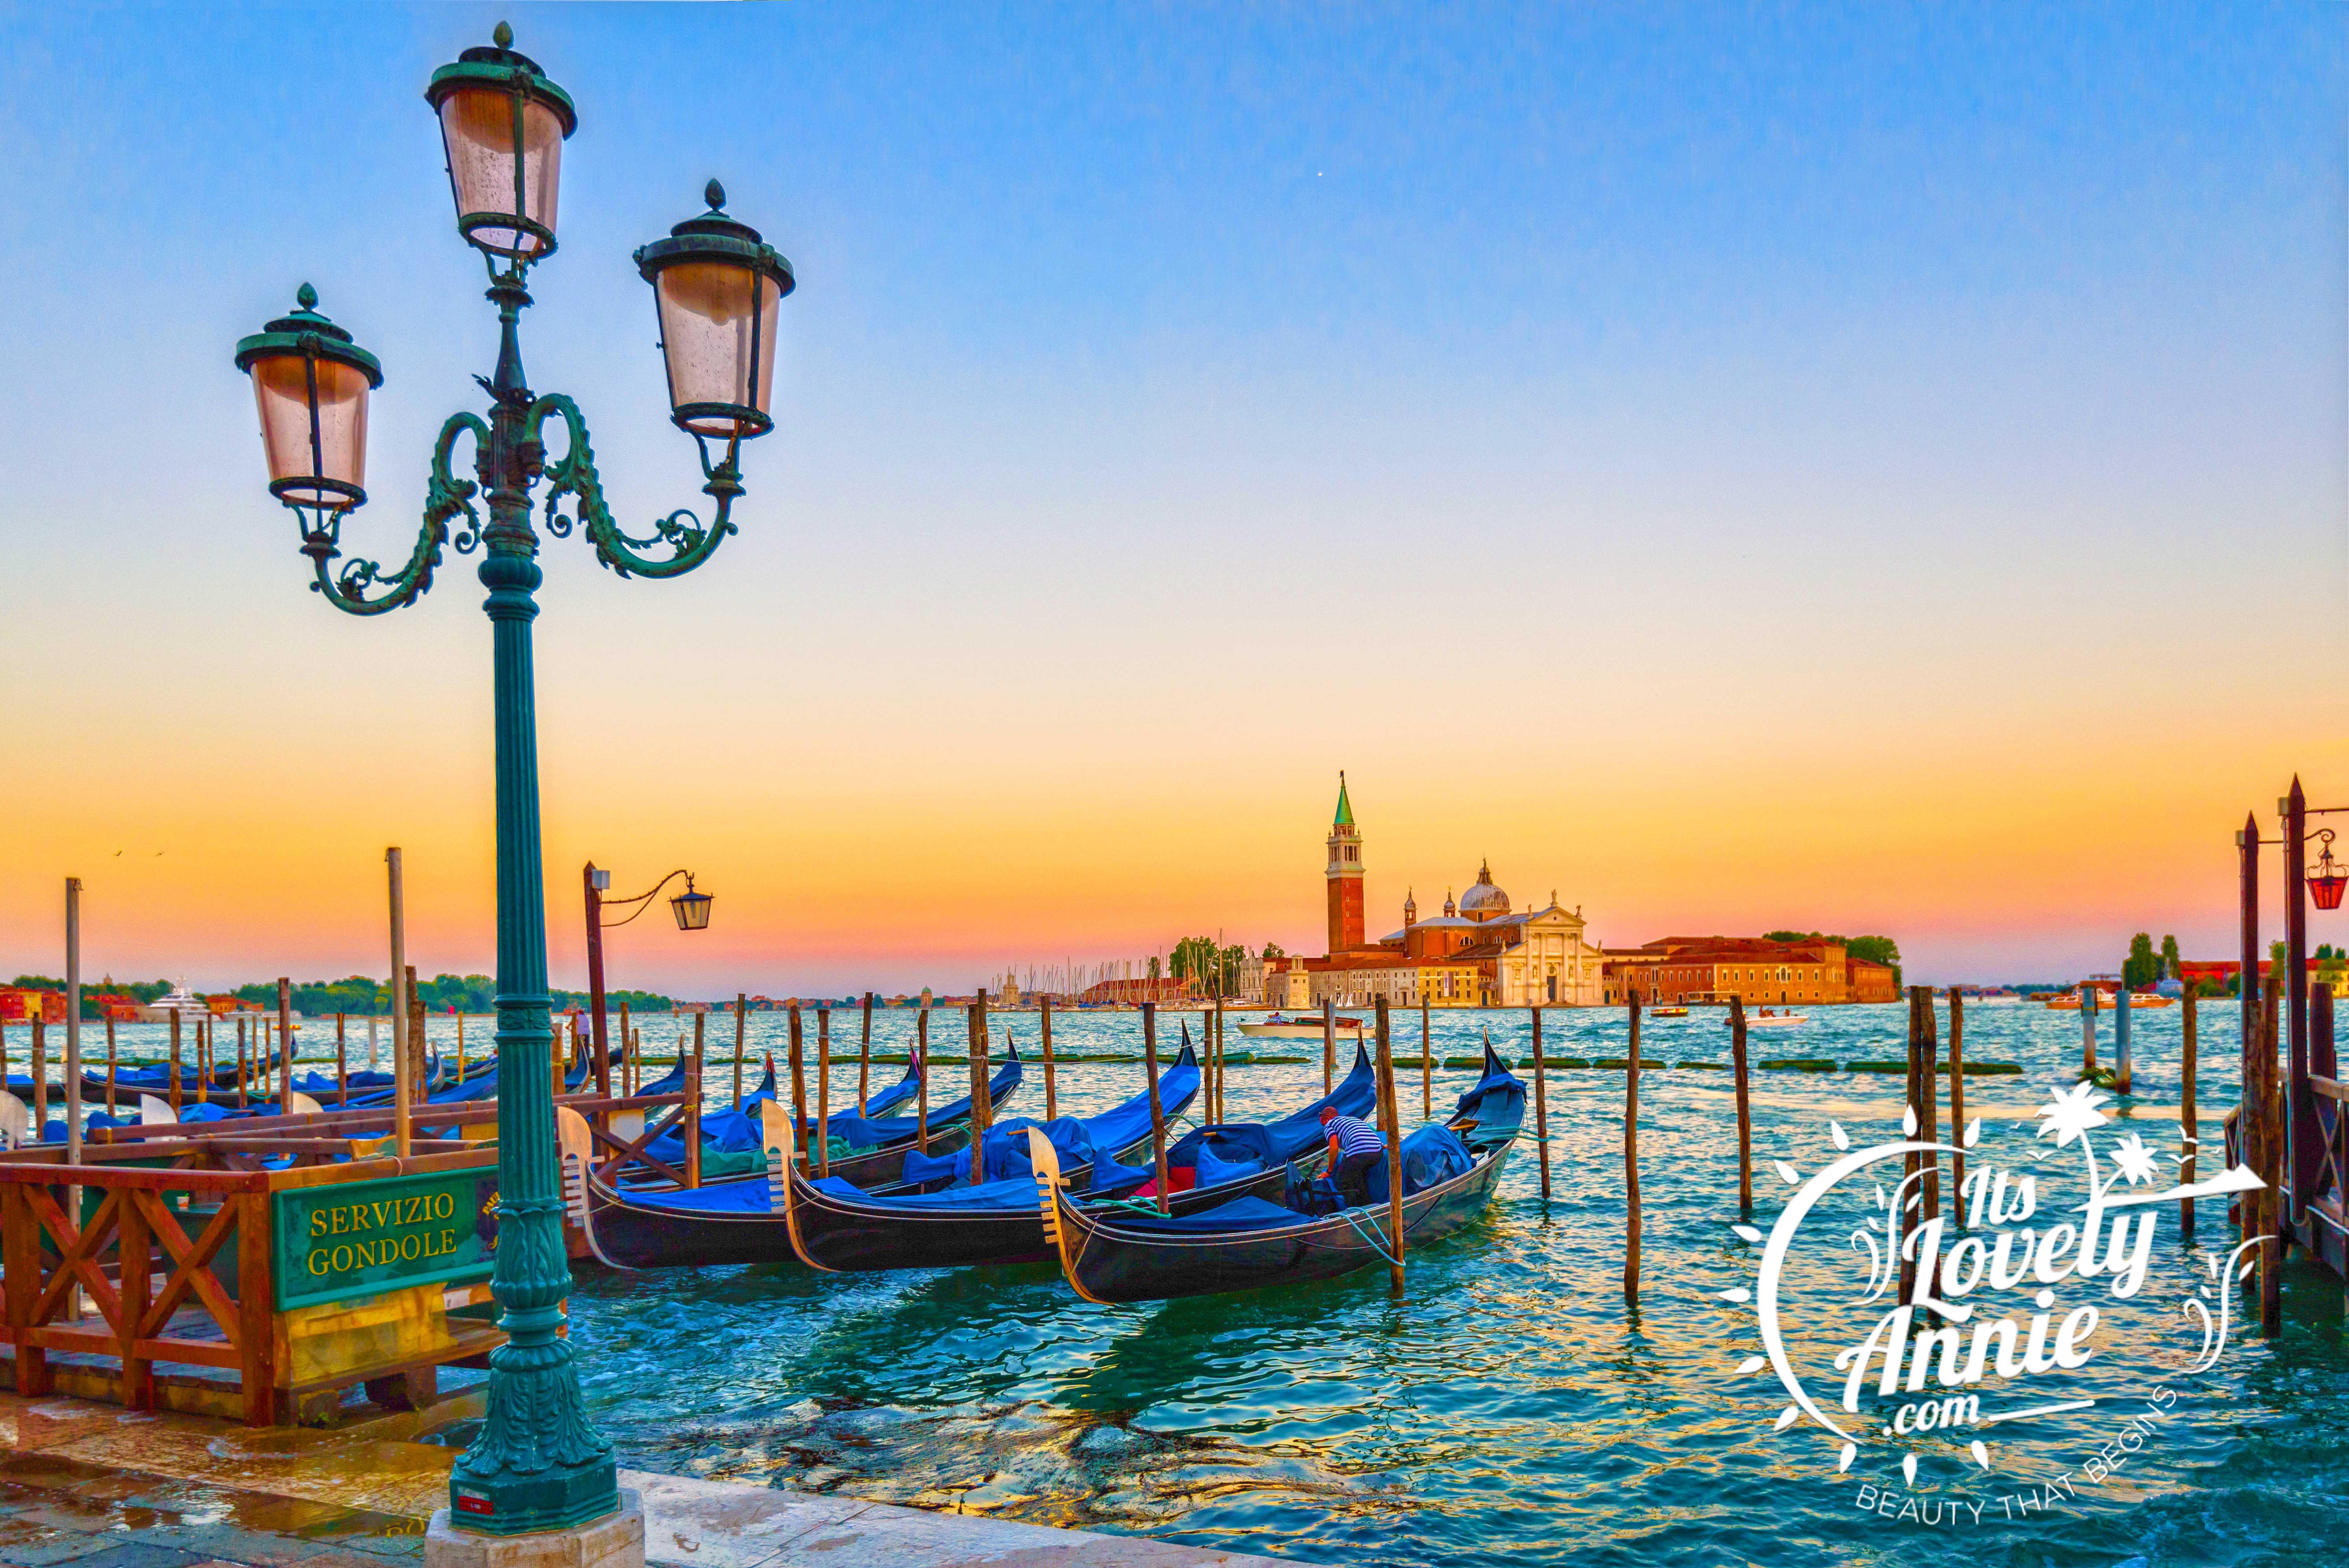 Venice attraction